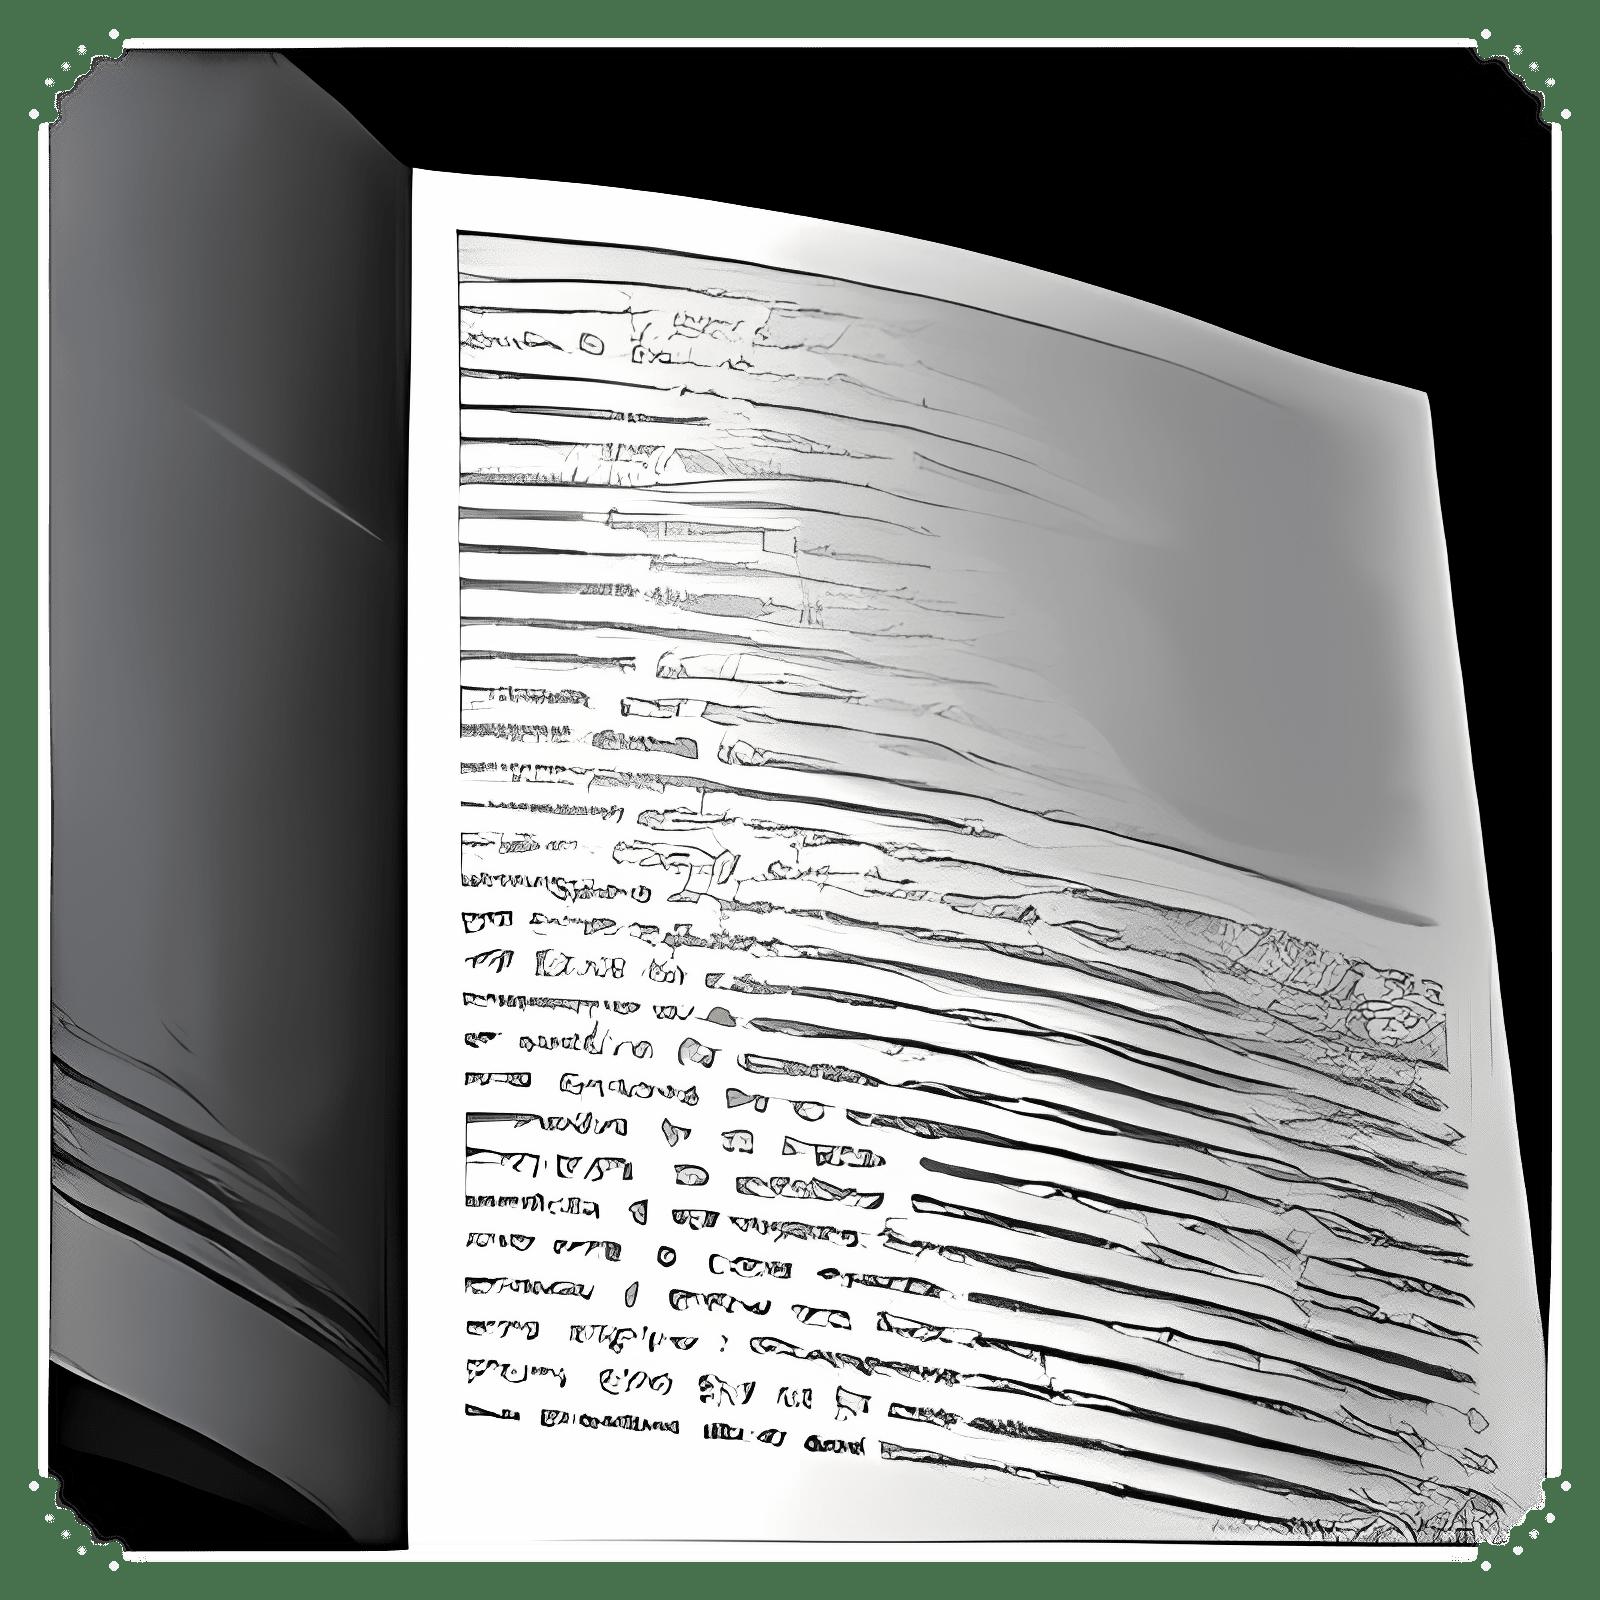 BookViewer 2.9.1